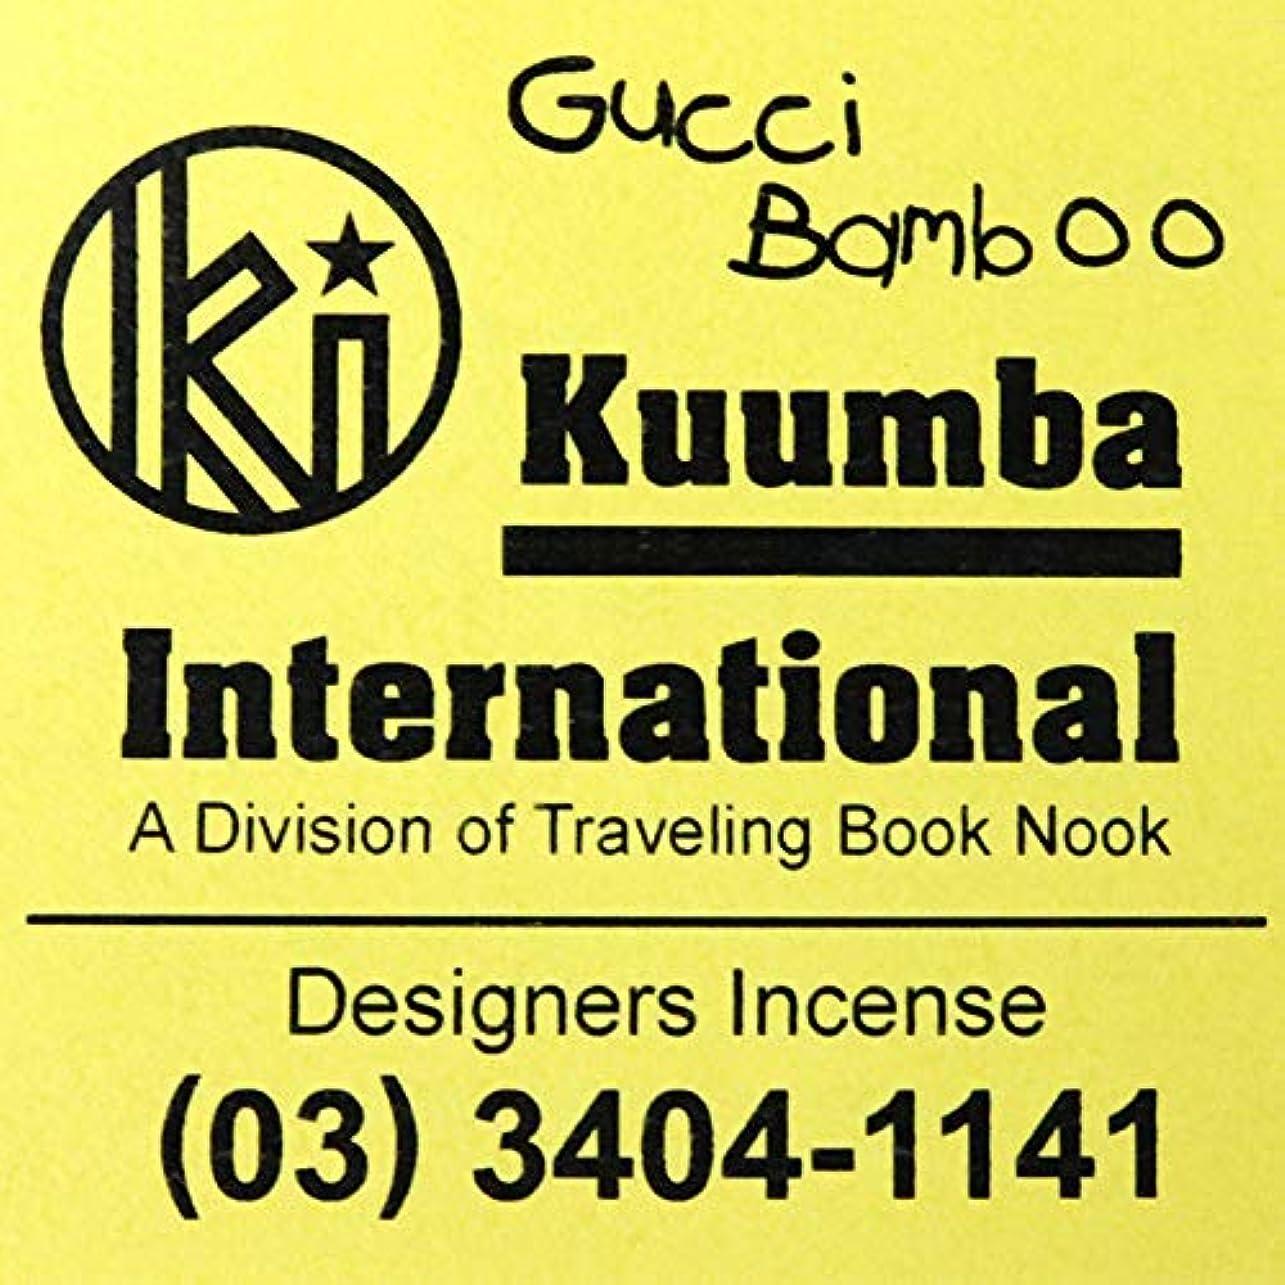 大通りエチケット覚えているKUUMBA (クンバ)『incense』(GUCCI BAMBOO) (GUCCI BAMBOO, Regular size)